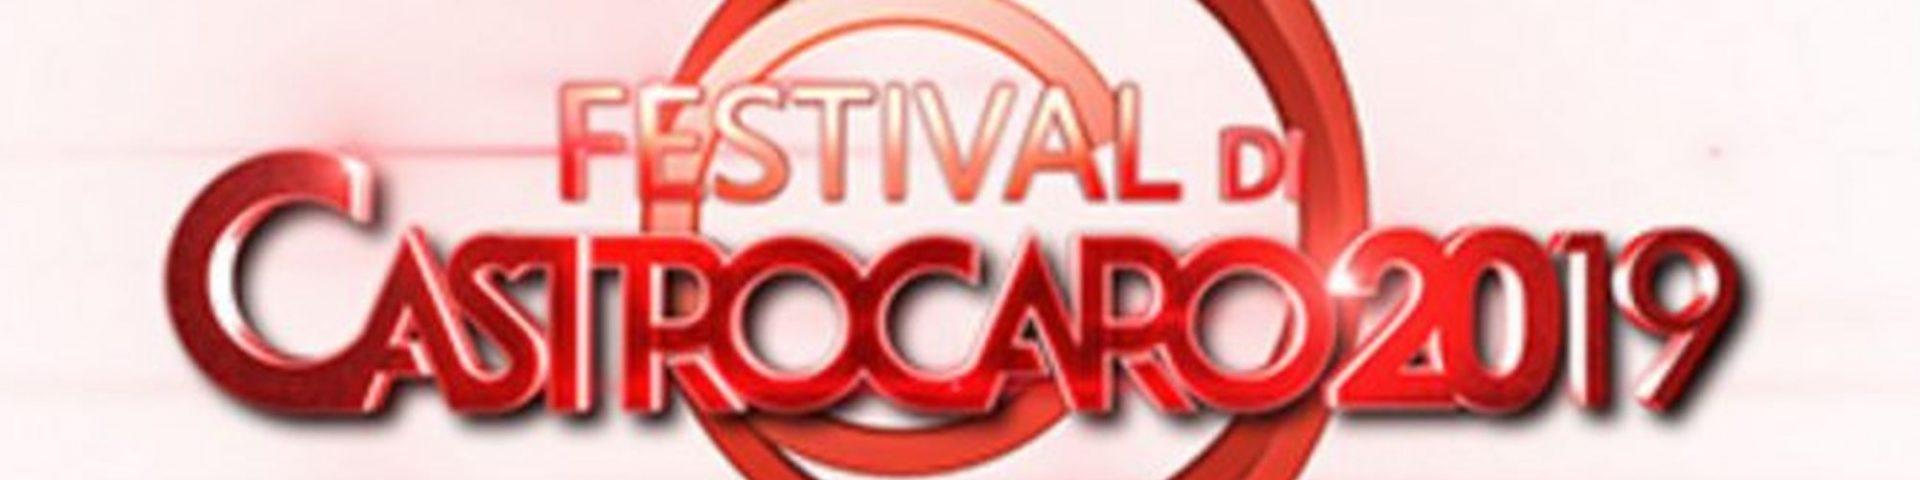 Festival di Castrocaro 2019: da Amici e X Factor alcuni finalisti